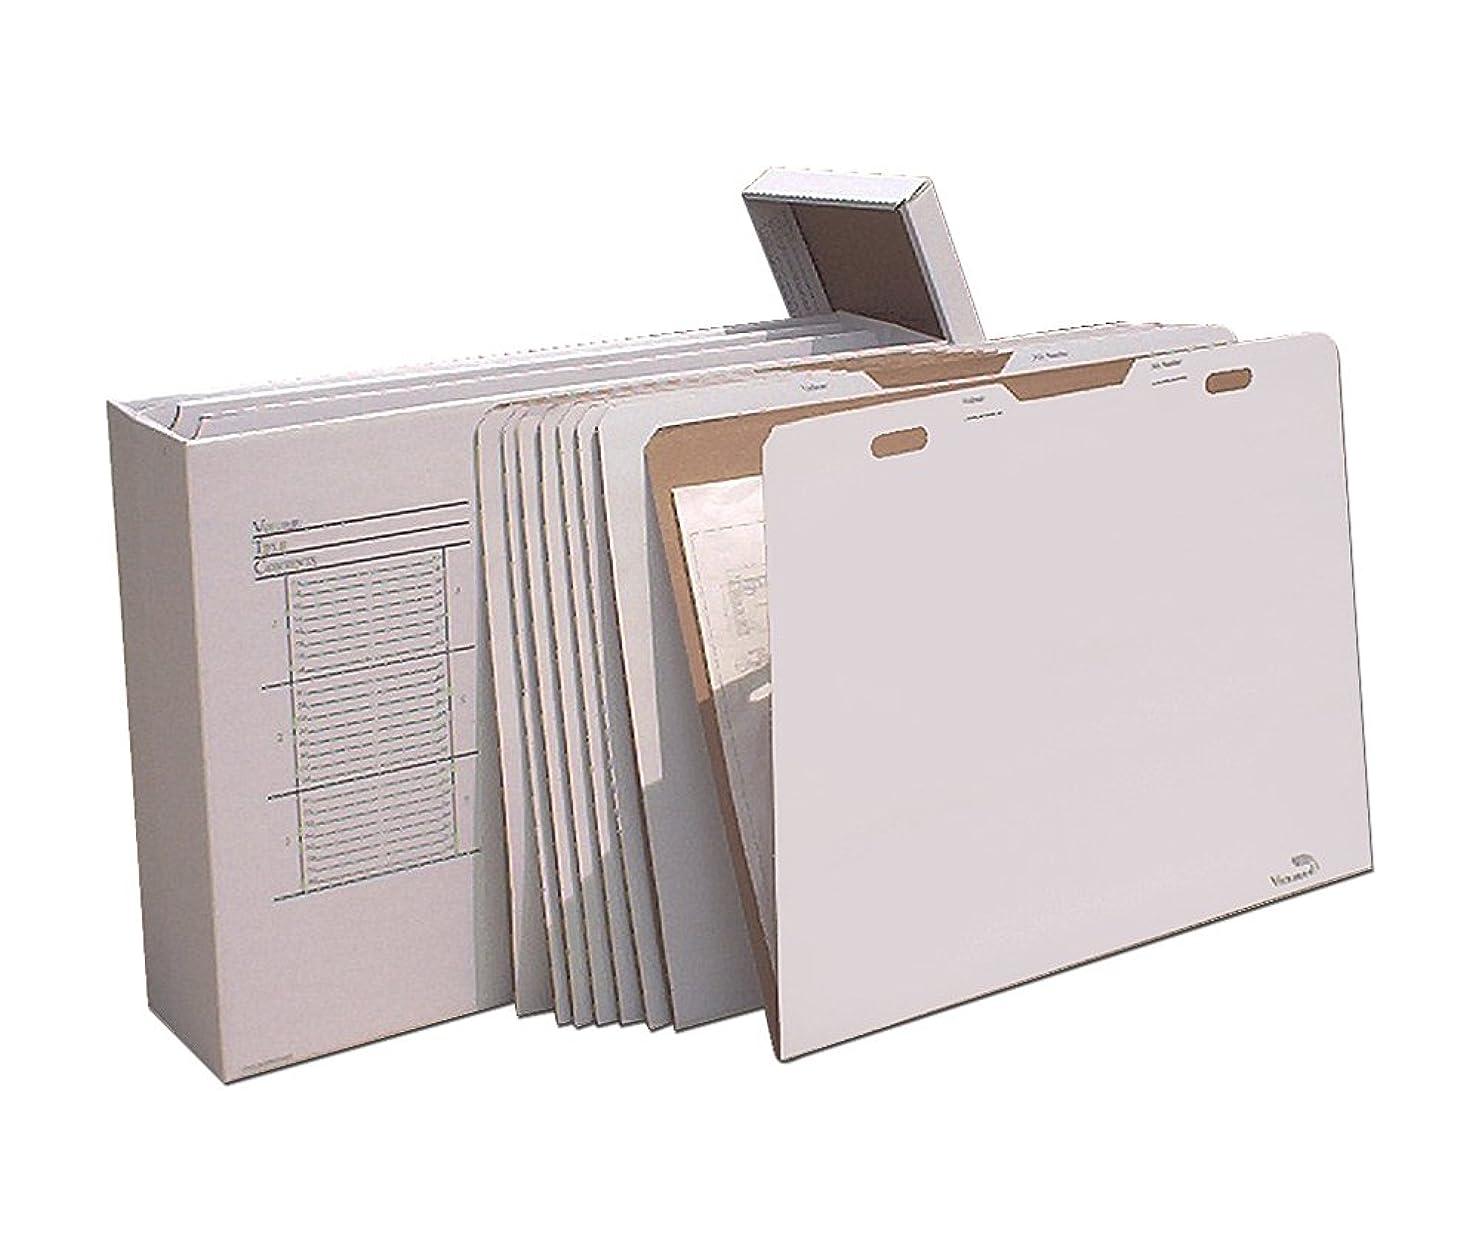 蚊抽出一次Offex垂直フラットファイルオーガナイザー?–?Storesフラットアイテム最大30?x 42コンピュータ、電子機器